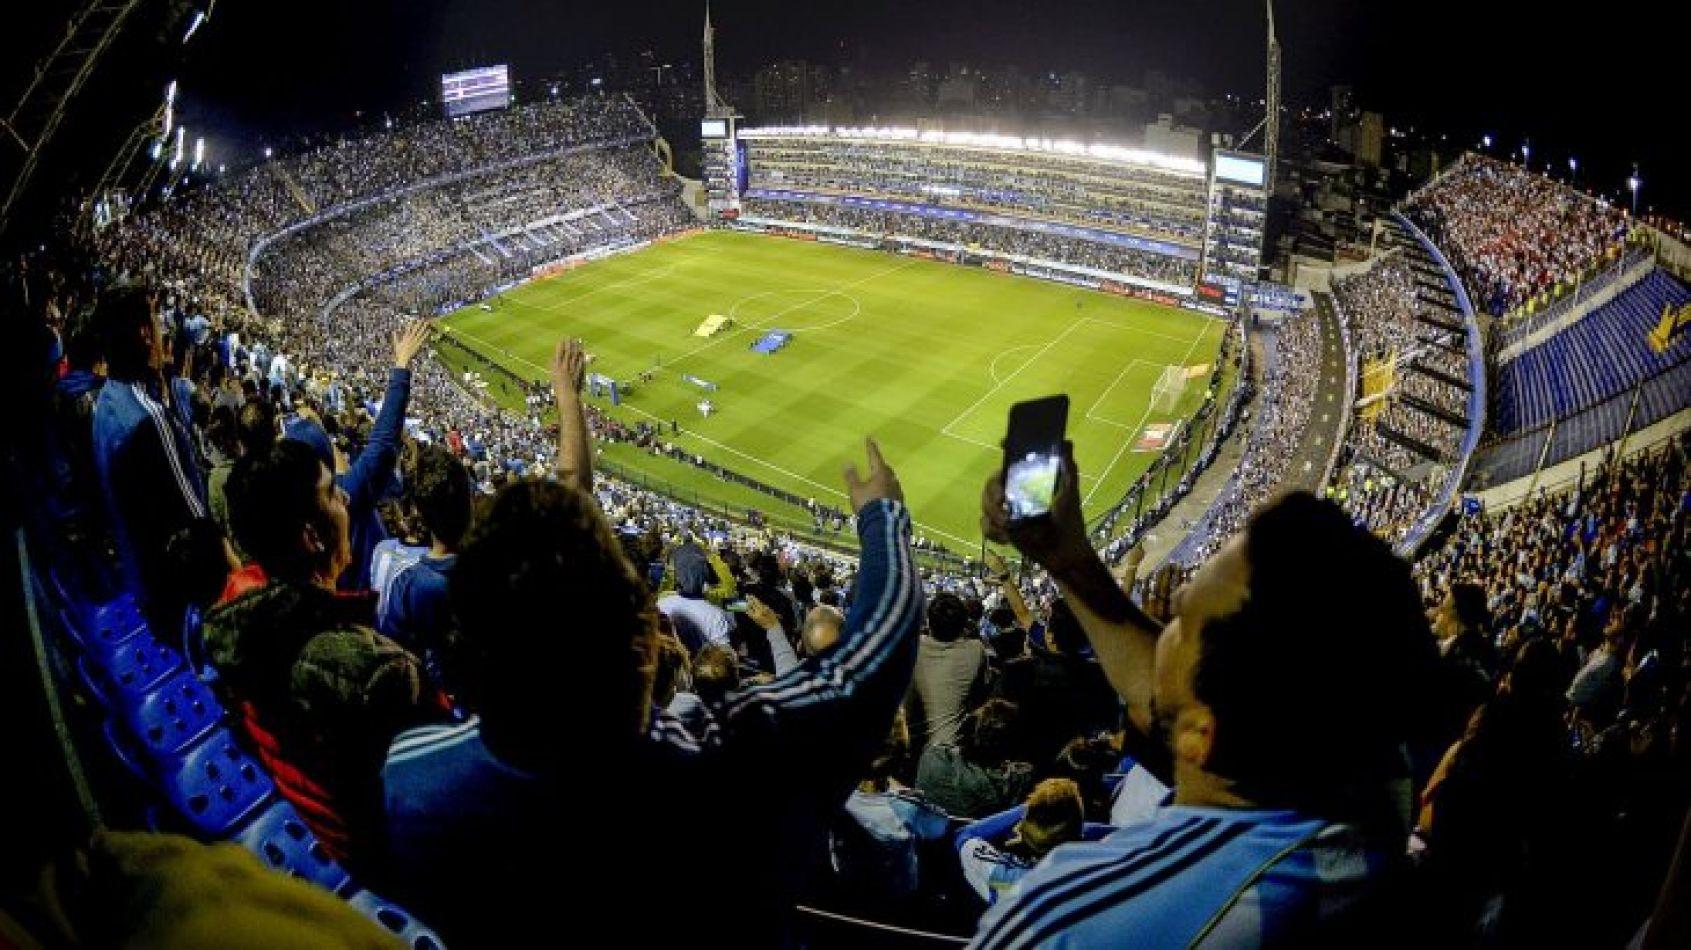 La Bombonera se convirtió en el estadio digital más grande de Argentina